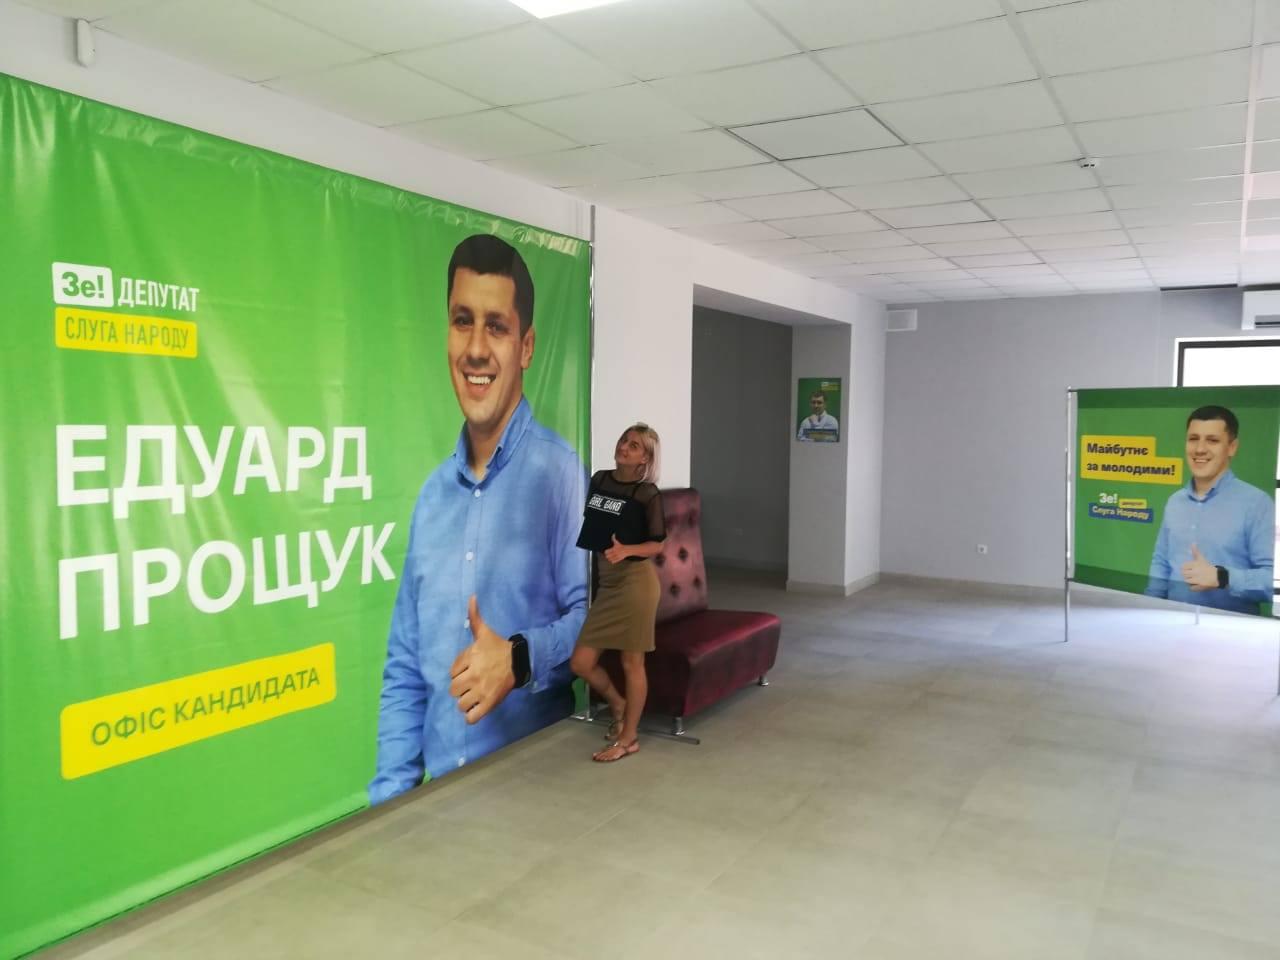 У Калуші та Рогатині відкрили офіс Едуарда Прощука: справжні зміни творяться разом